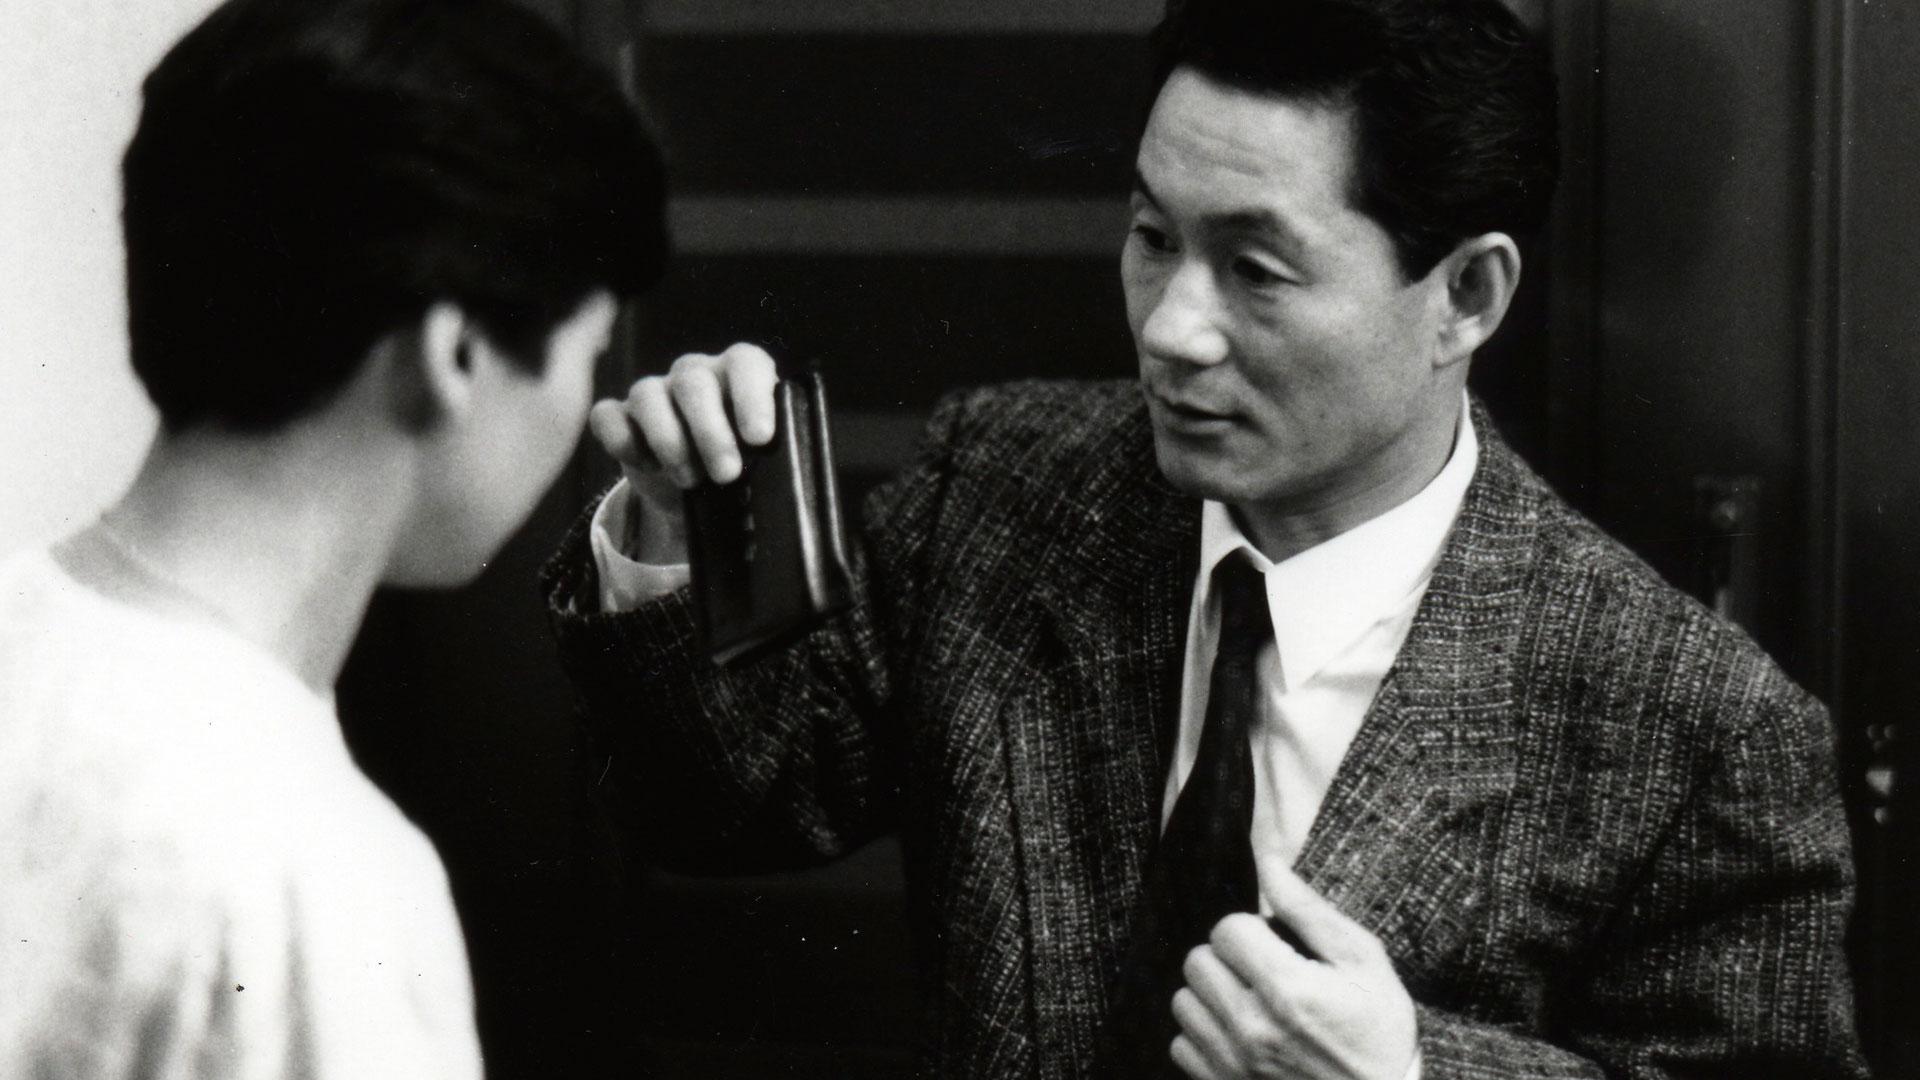 Japonismo el ciclo de cine hero asset